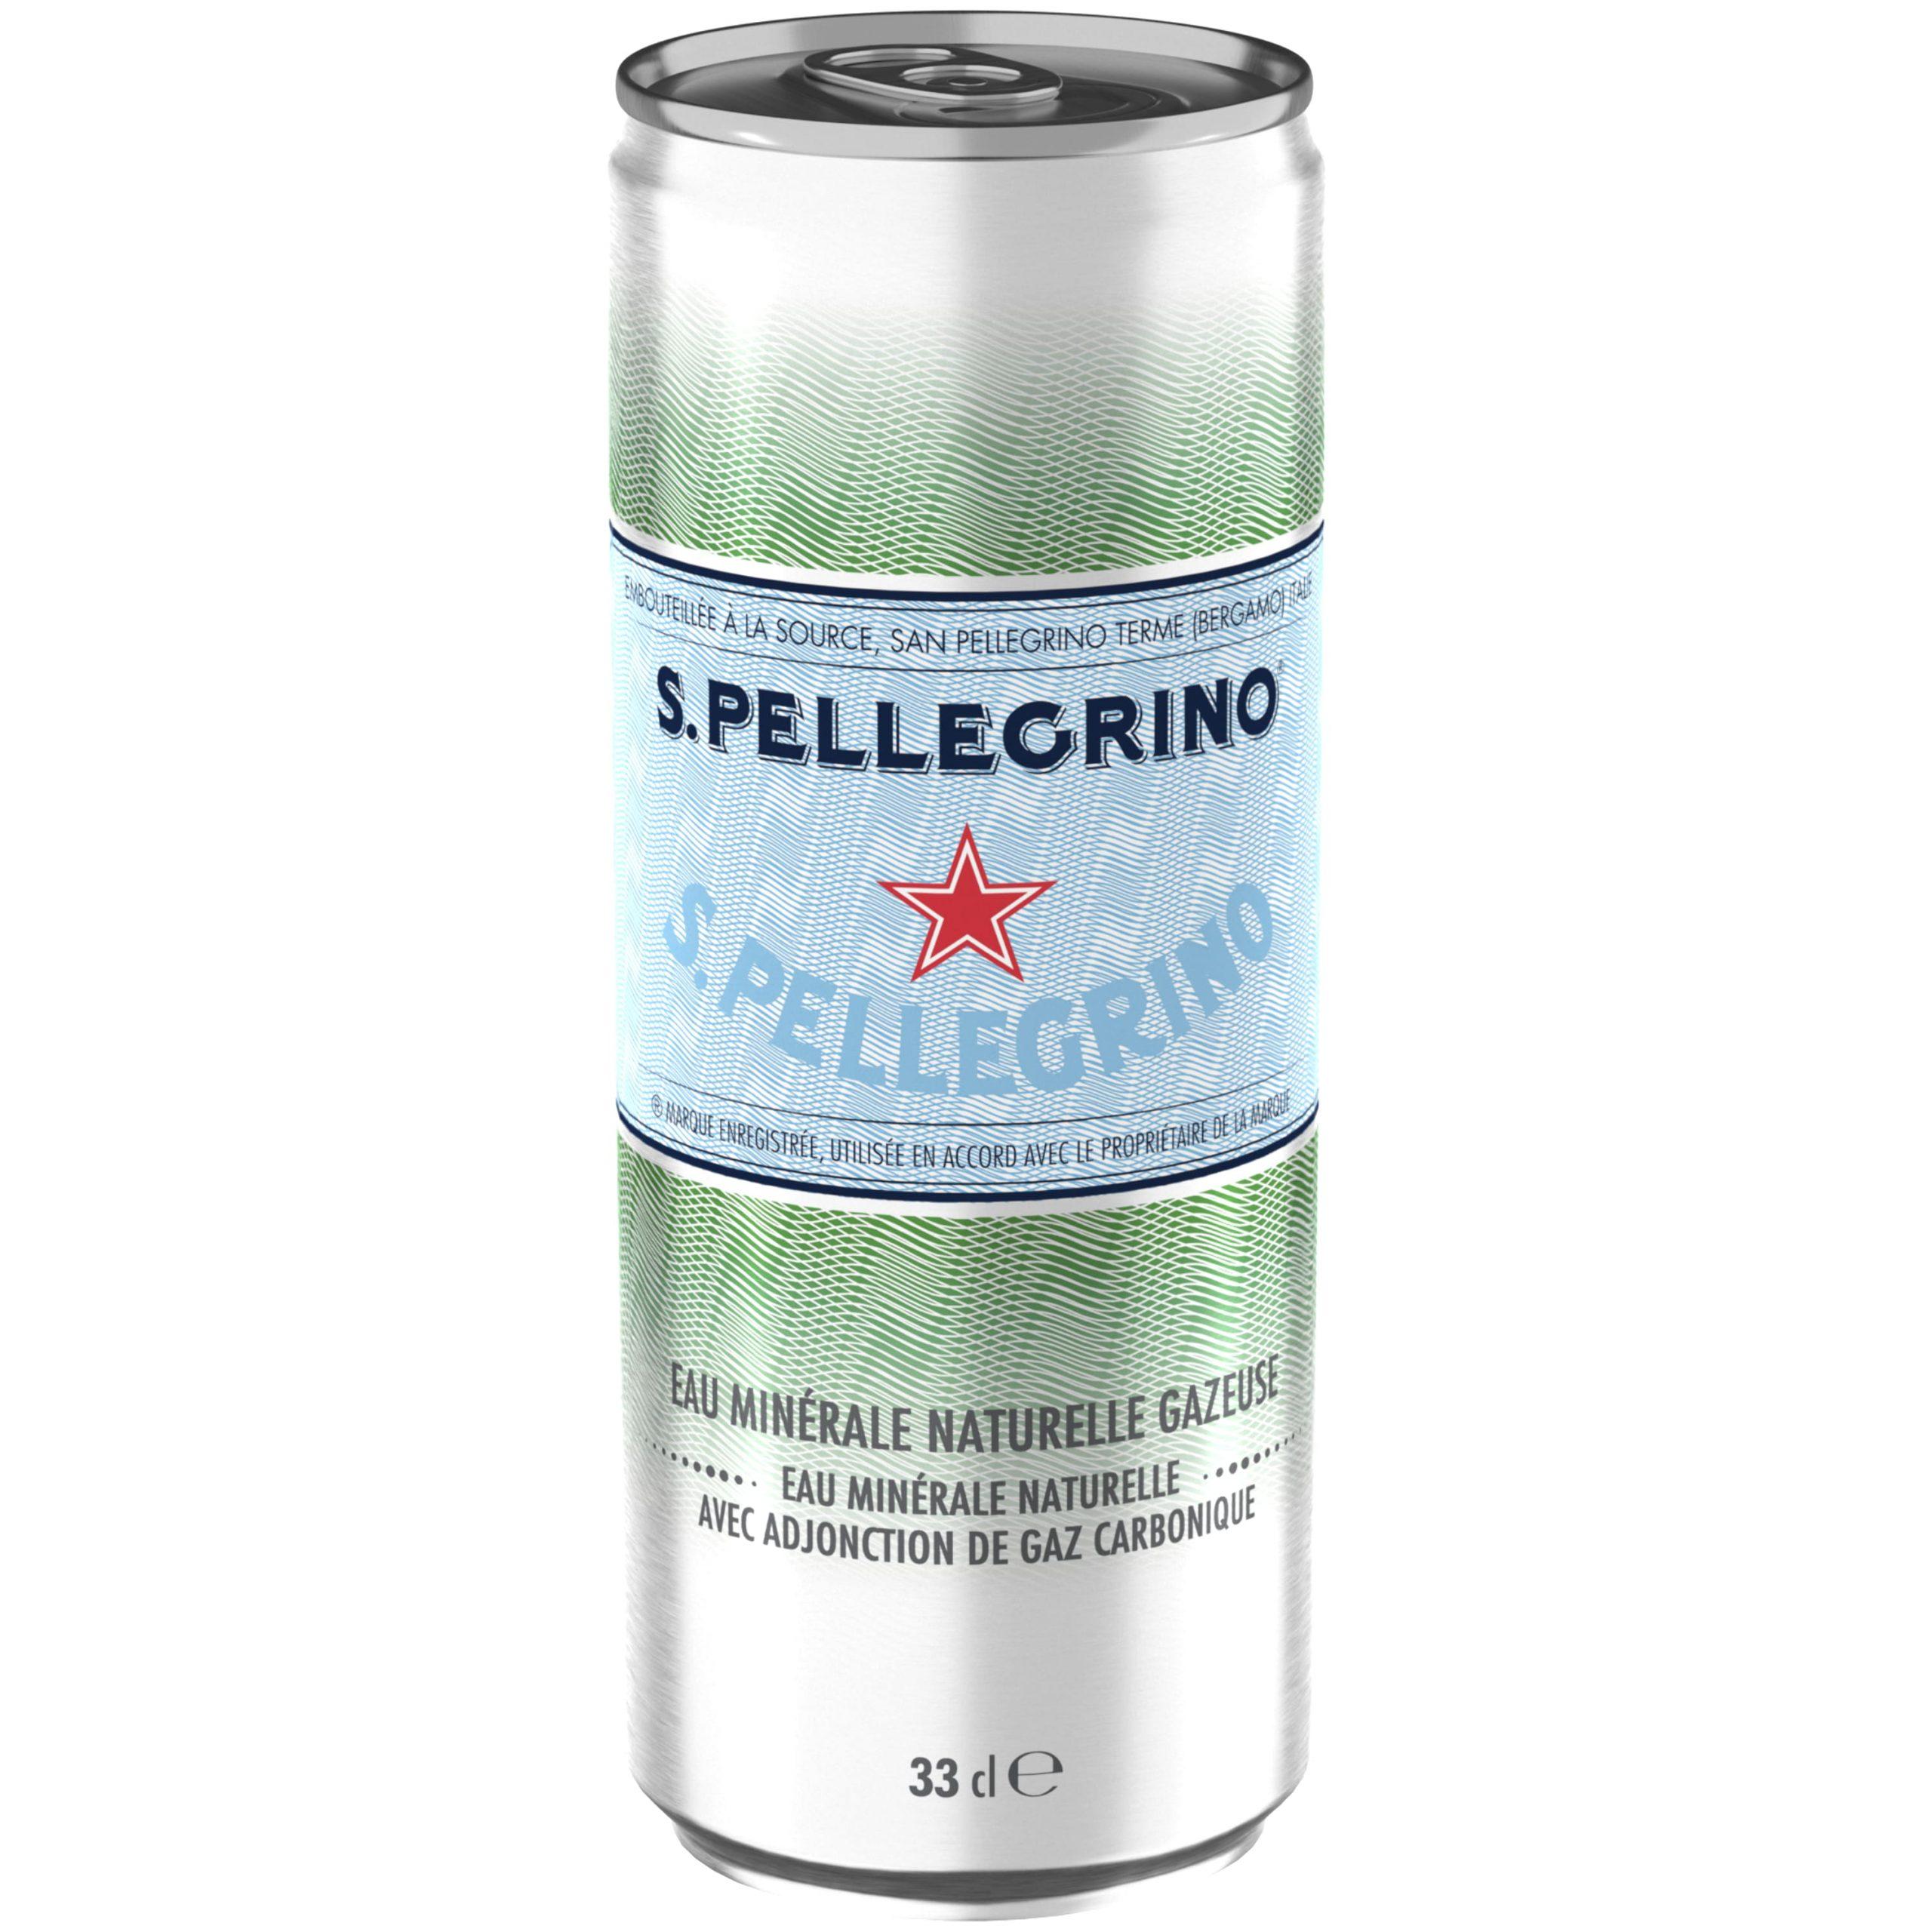 S.Pellegrino UC 33cl CAN FR HD 2 scaled - Les célèbres bulles italiennes dans une nouvelle canette design